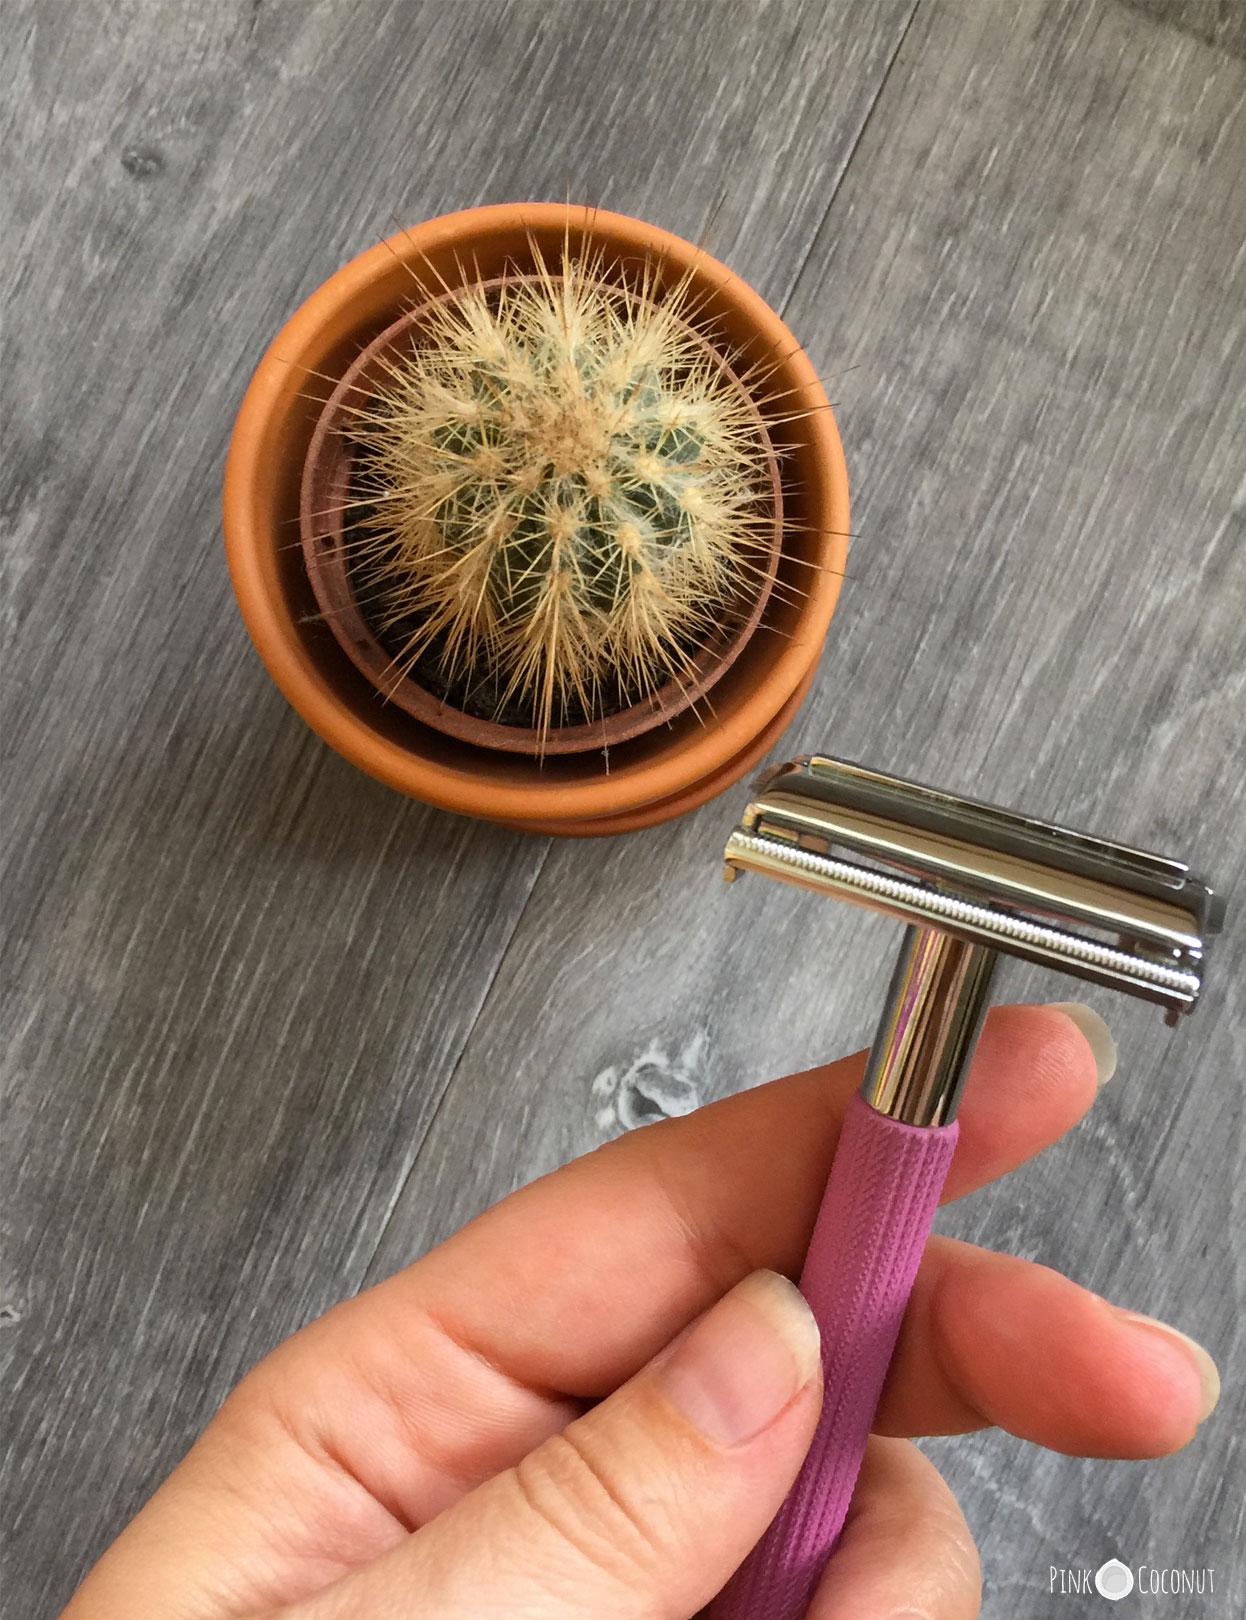 Rasoir en inox réutilisable, sans plastique, une alternative zéro-déchet et durable